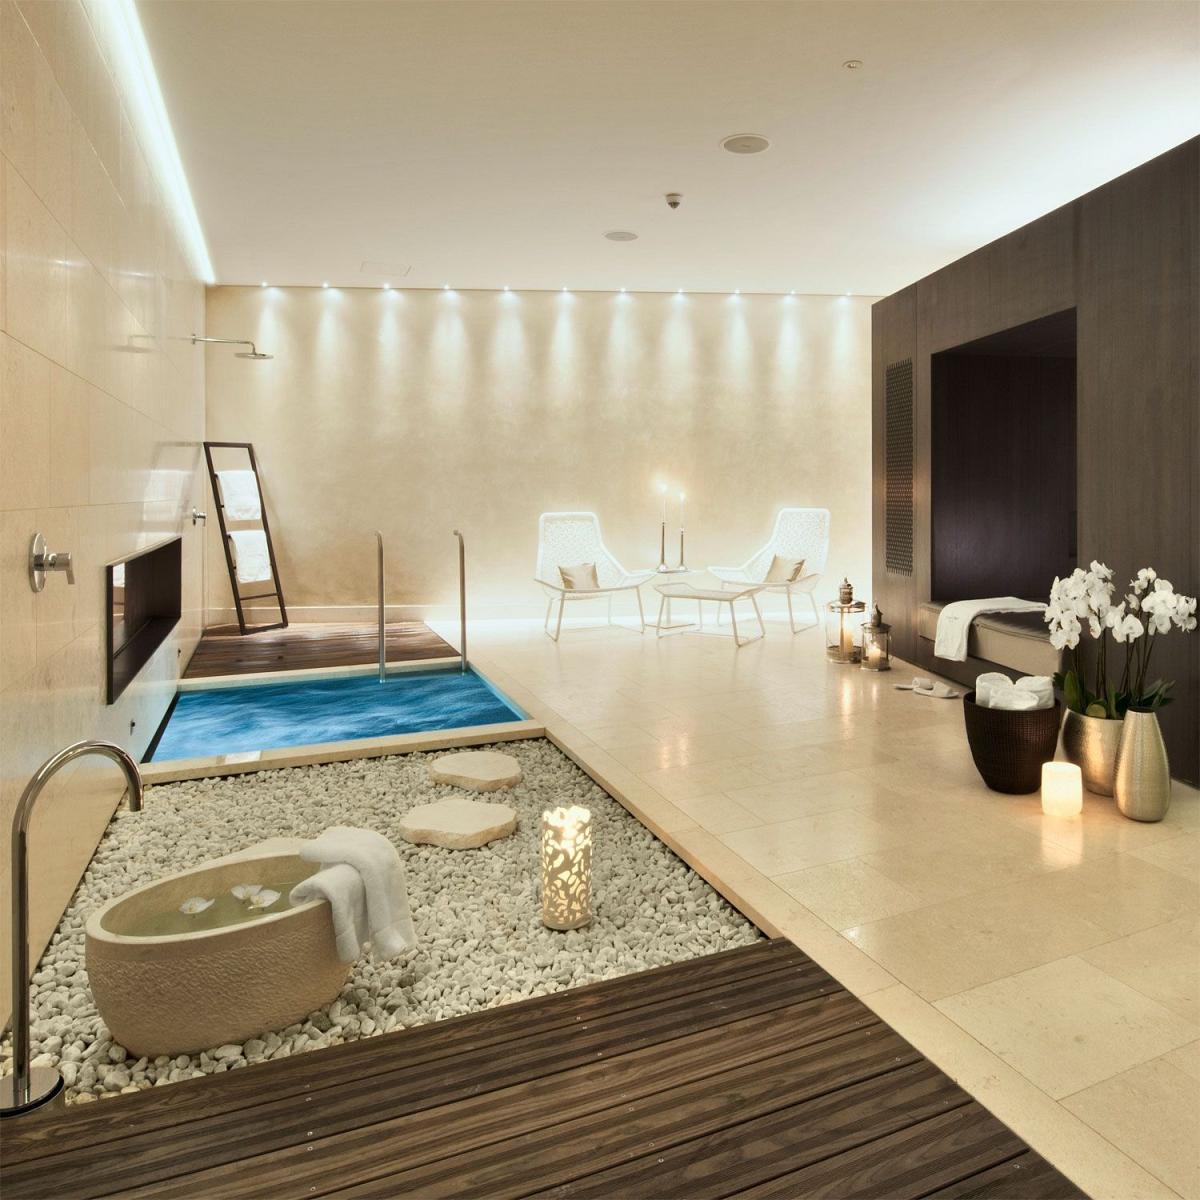 glasdildo privat spa stockholm